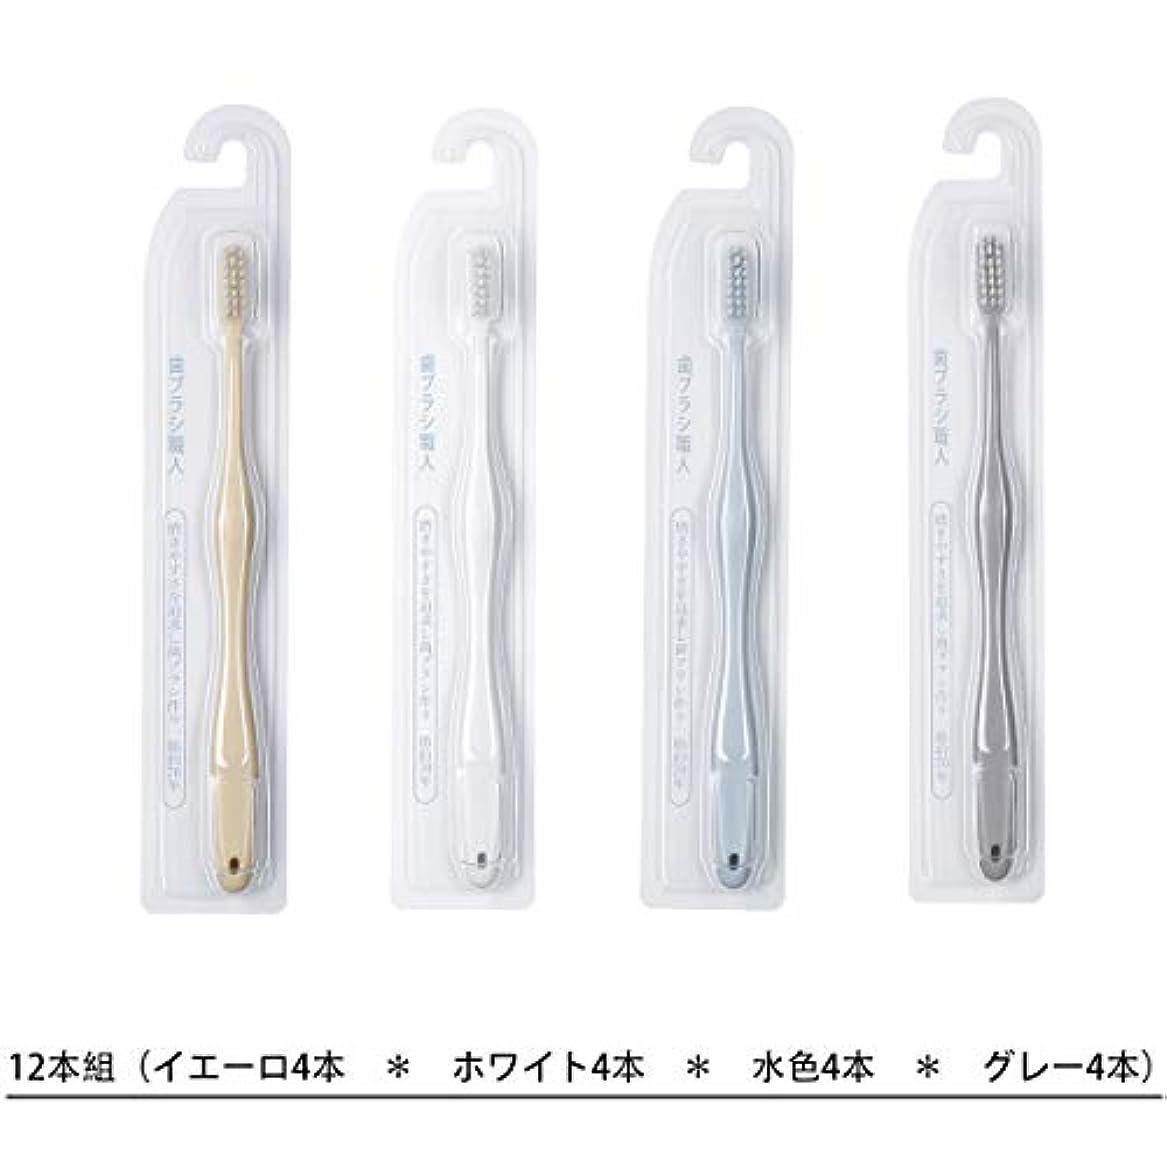 ビヨン優しいなかなか歯ブラシ職人 田辺重吉 磨きやすい歯ブラシ 極 AT-09 (12本組)